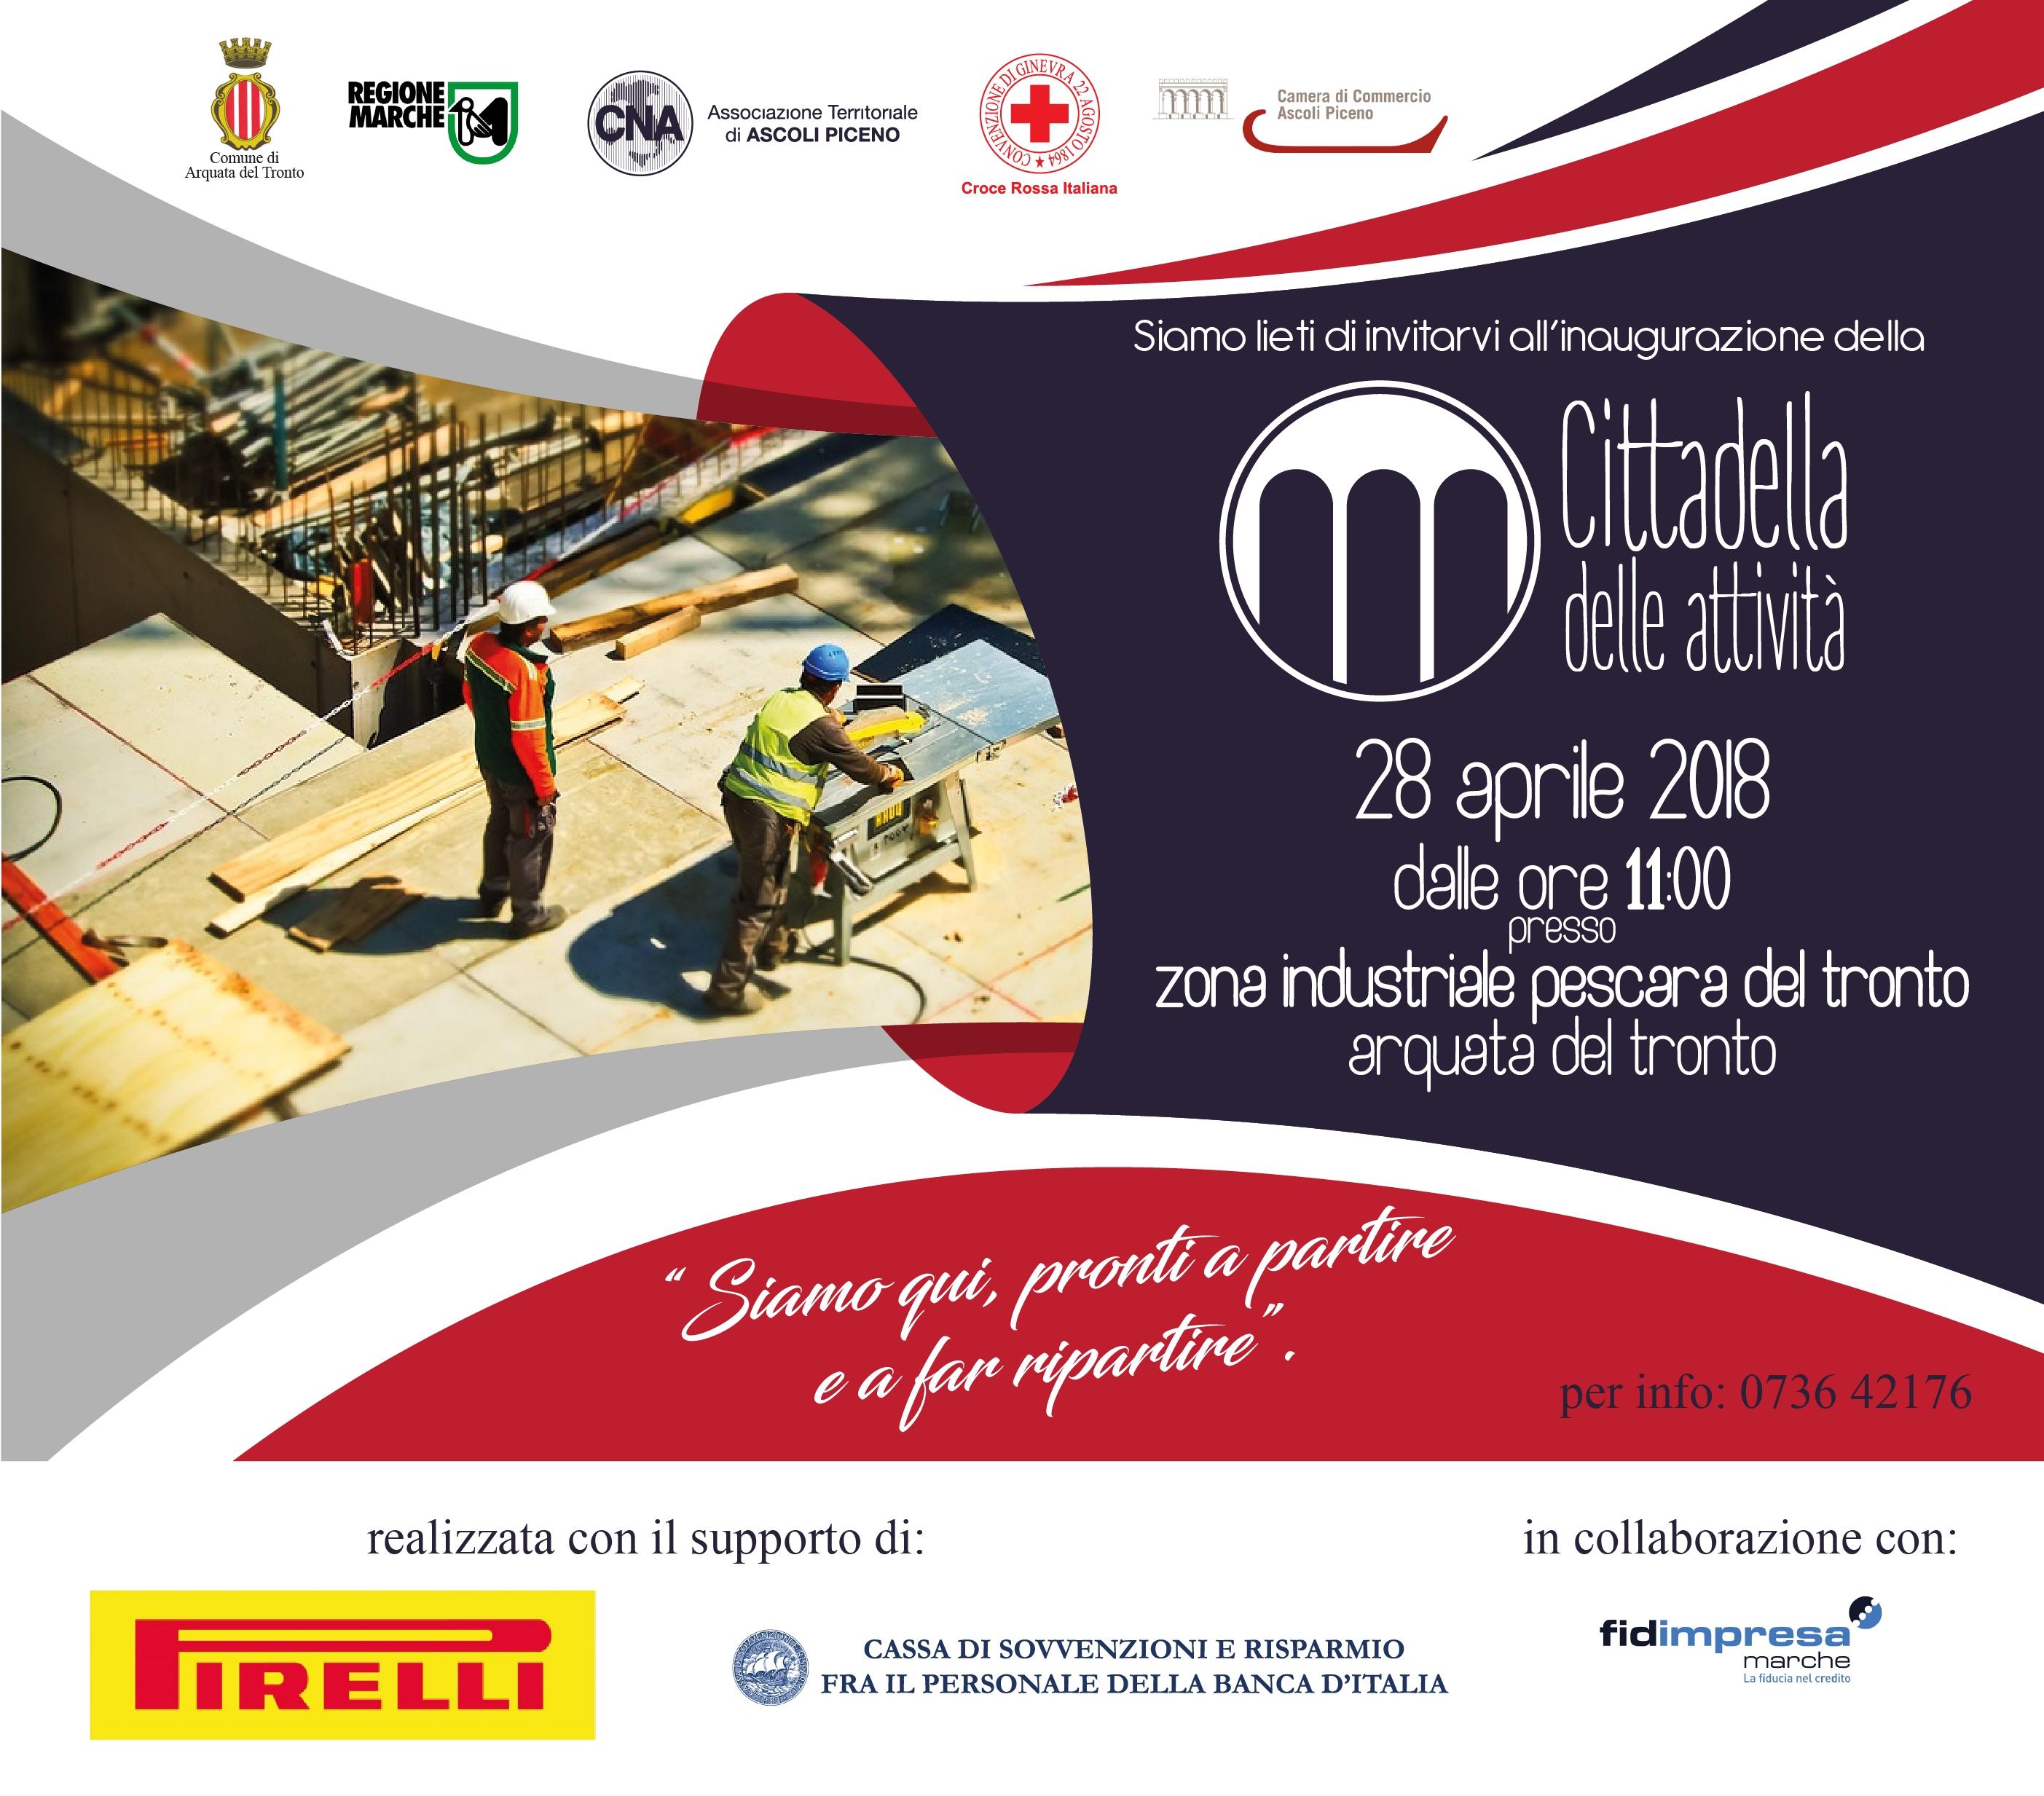 Il 28 Aprile inaugurazione della Cittadella delle Attività Produttive di Arquata del Tronto